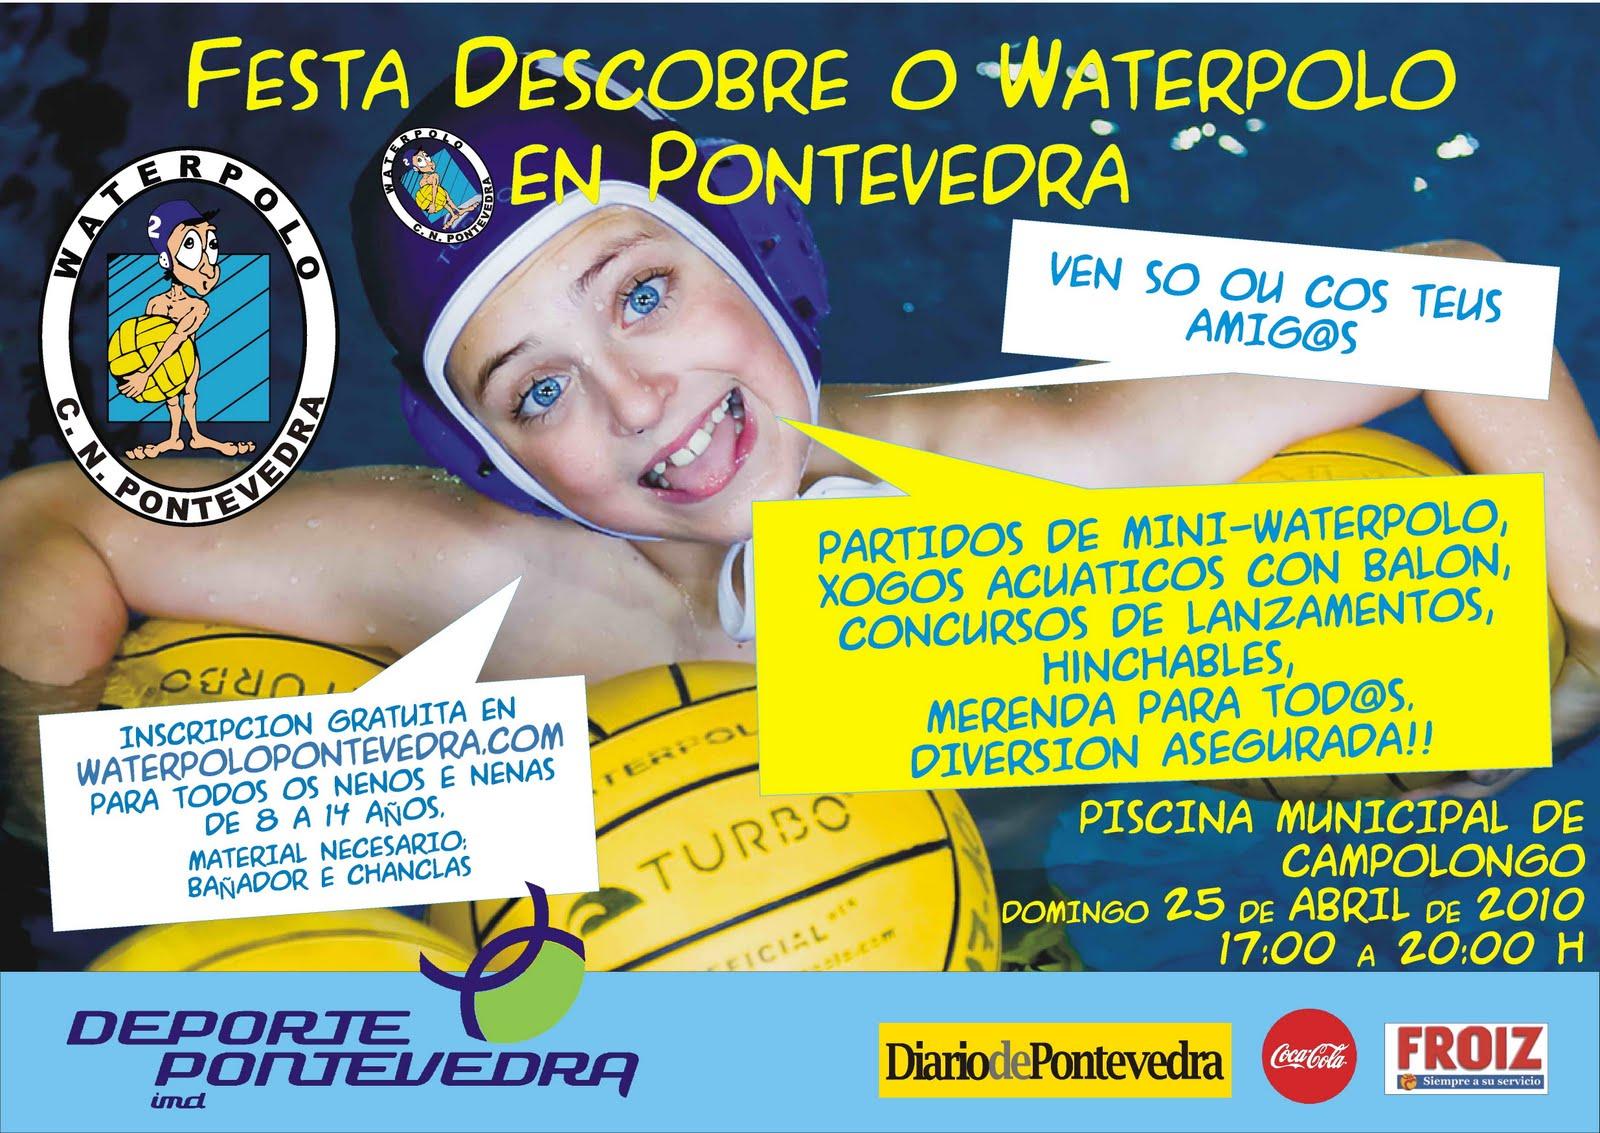 Waterpolo pontevedra blog abril 2010 for Piscina campolongo